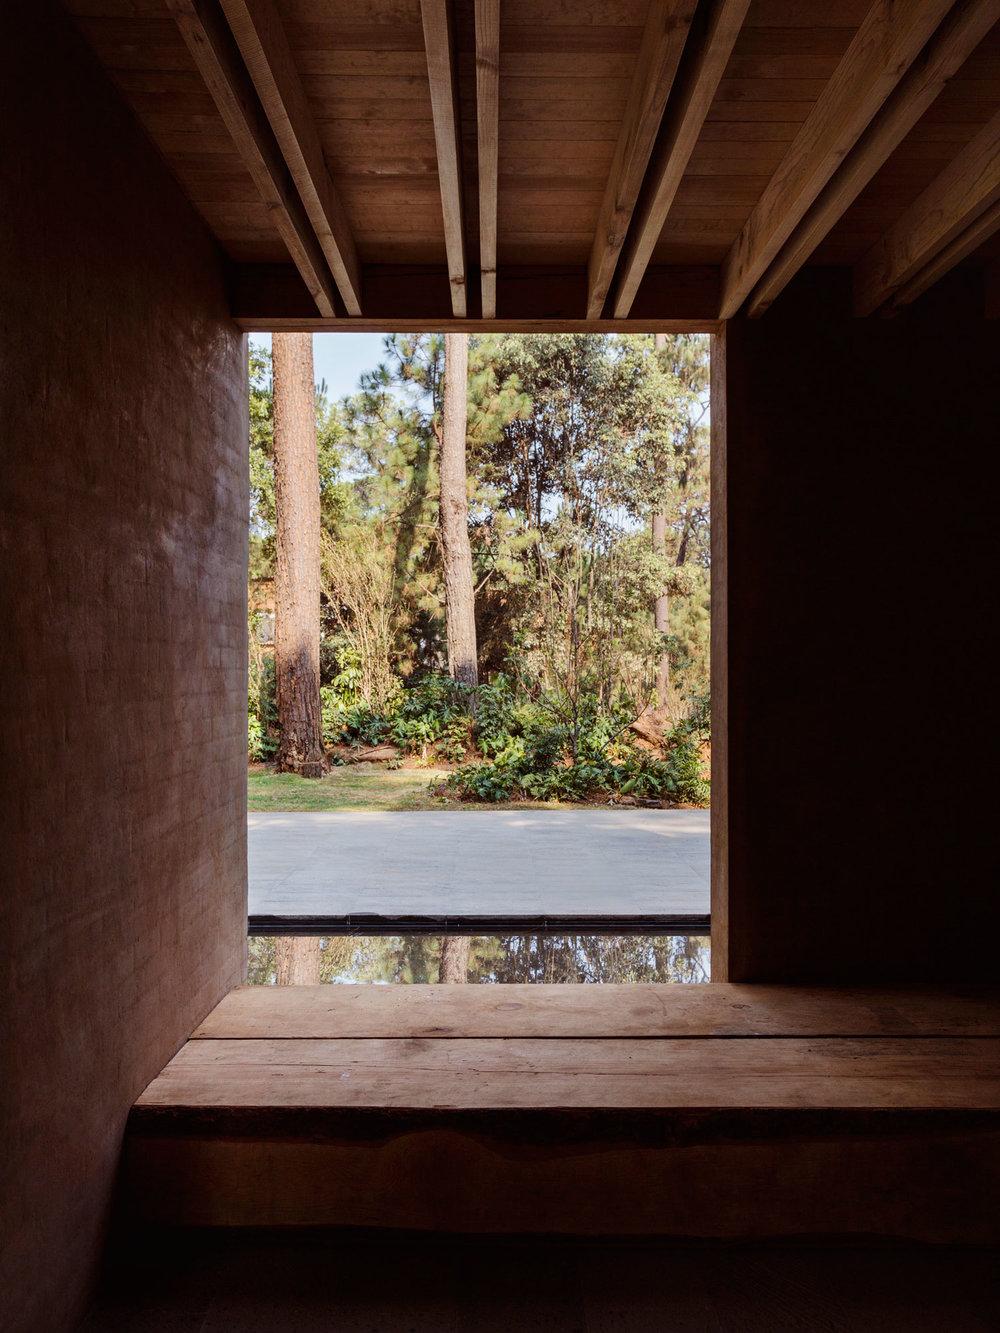 Entrepinos-Housing-in-Valle-de-Bravo-Mexico-by-Taller-Hector-Barroso-Yellowtrace-09.jpg